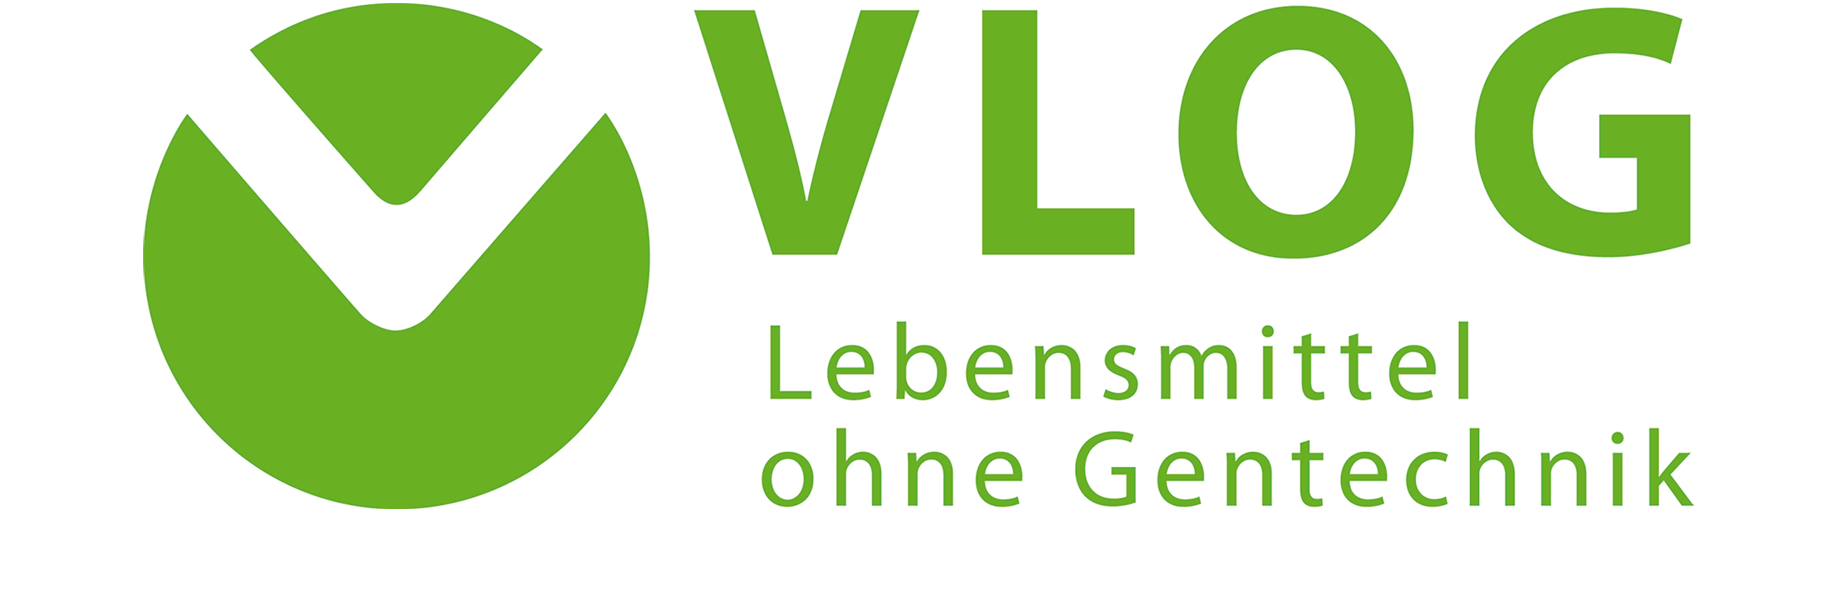 CONGEN Zertifizierung: VLOG - Lebensmittel ohne Gentechnik